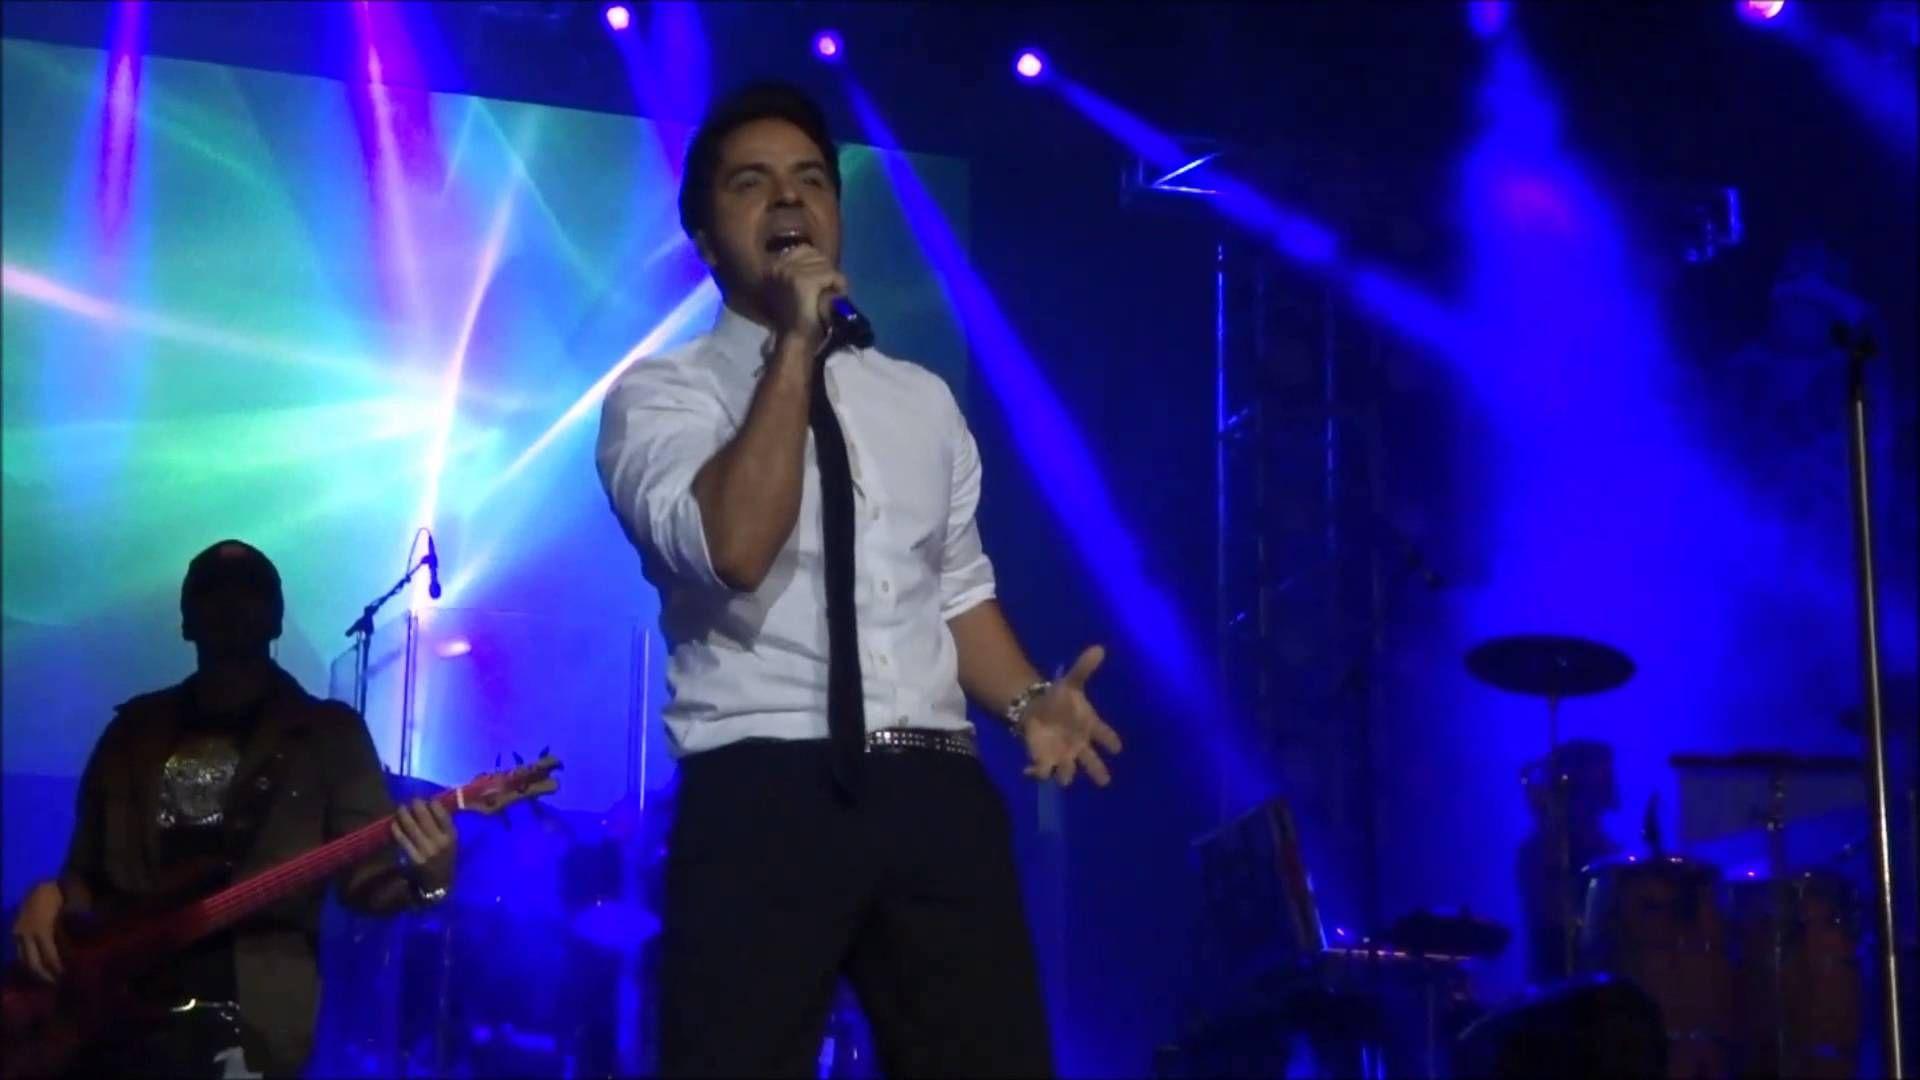 Luis Fonsi Que Quieres De Mi Somos Uno Tour En Santiago De Chile 28 Octubre 2014 Santiago De Chile Santiago Luis